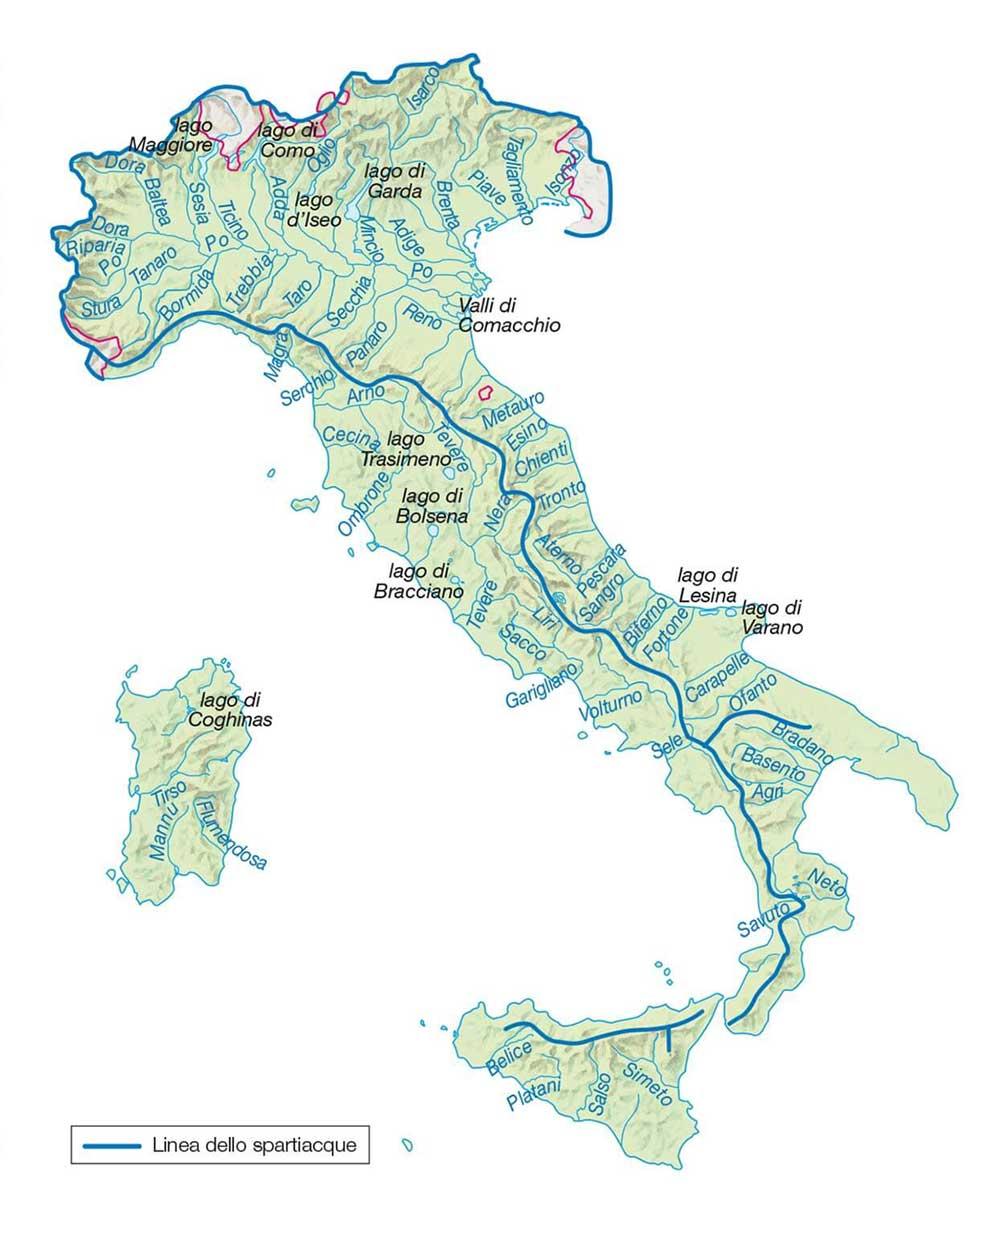 Cartina Lombardia Laghi.Cartina Di Italia Scarica Cartina Di Italia In Alta Qualita Dati Da Europa